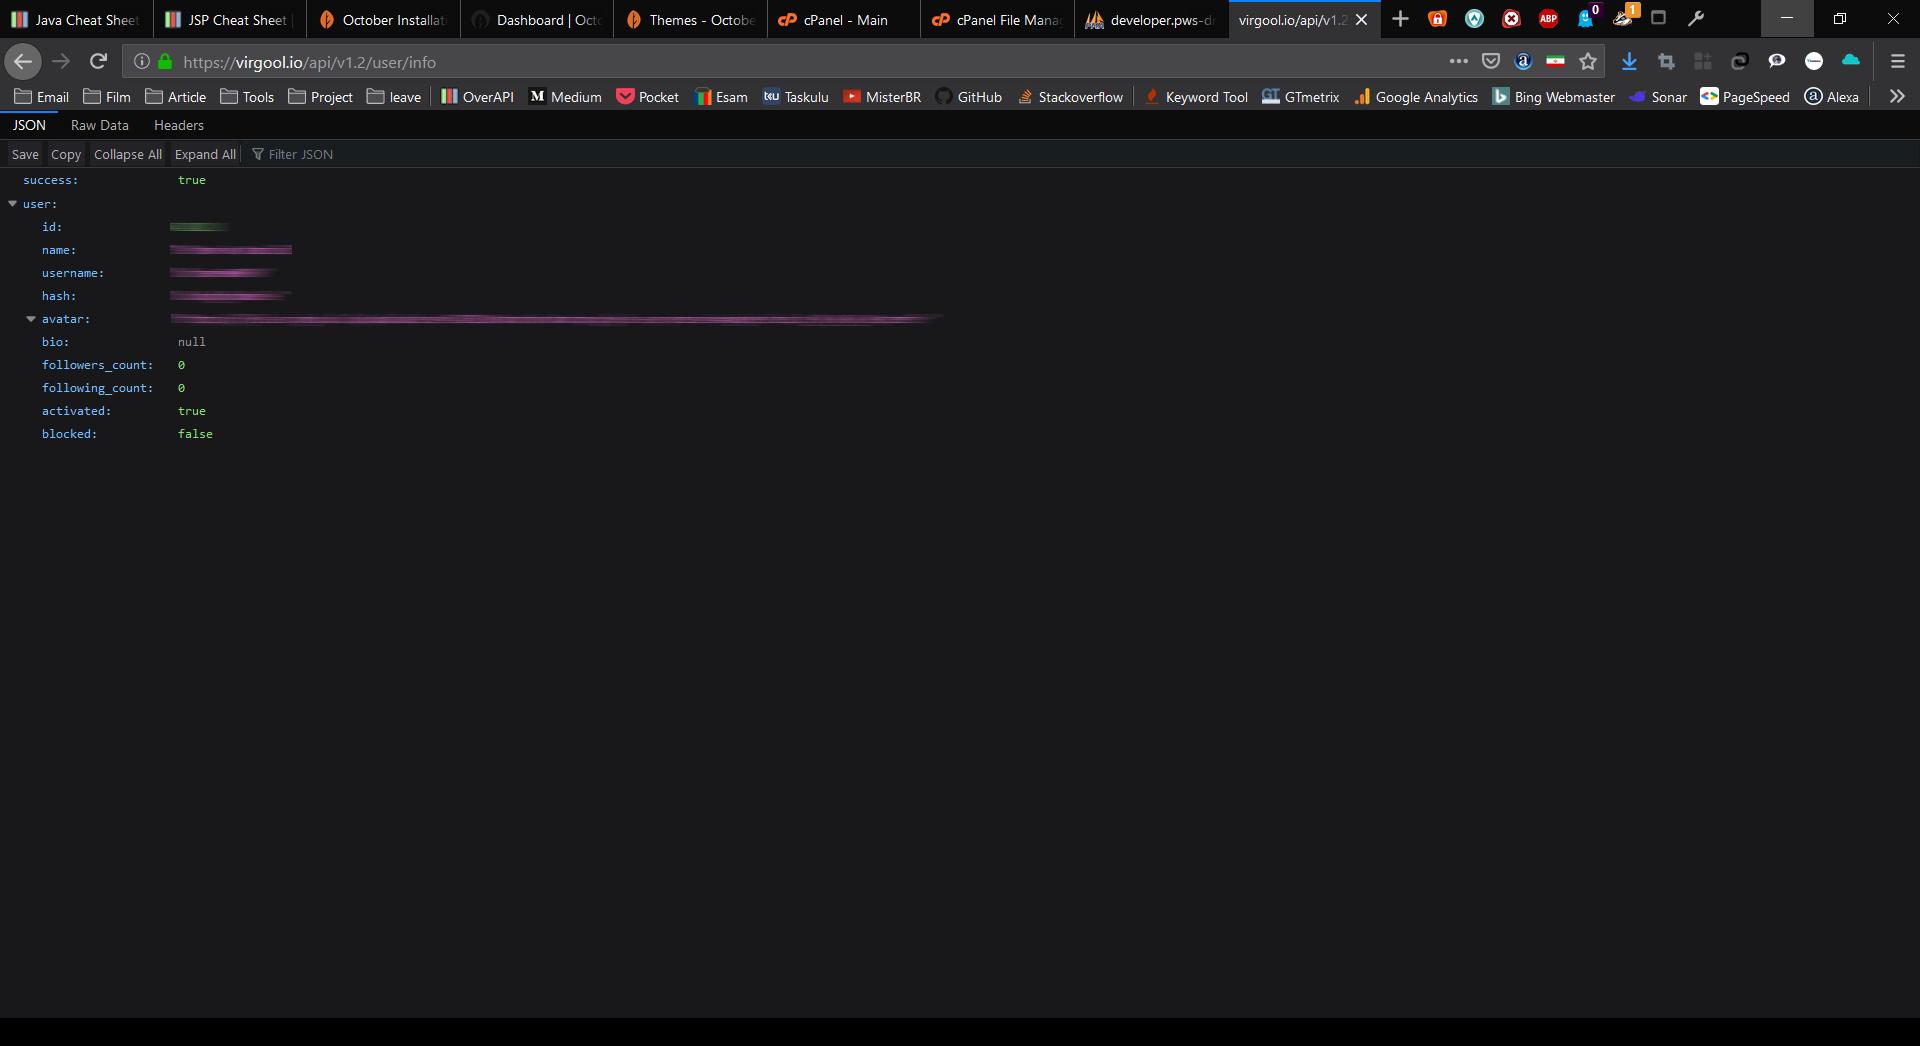 من و اولین دیدارم با API ویرگول!!